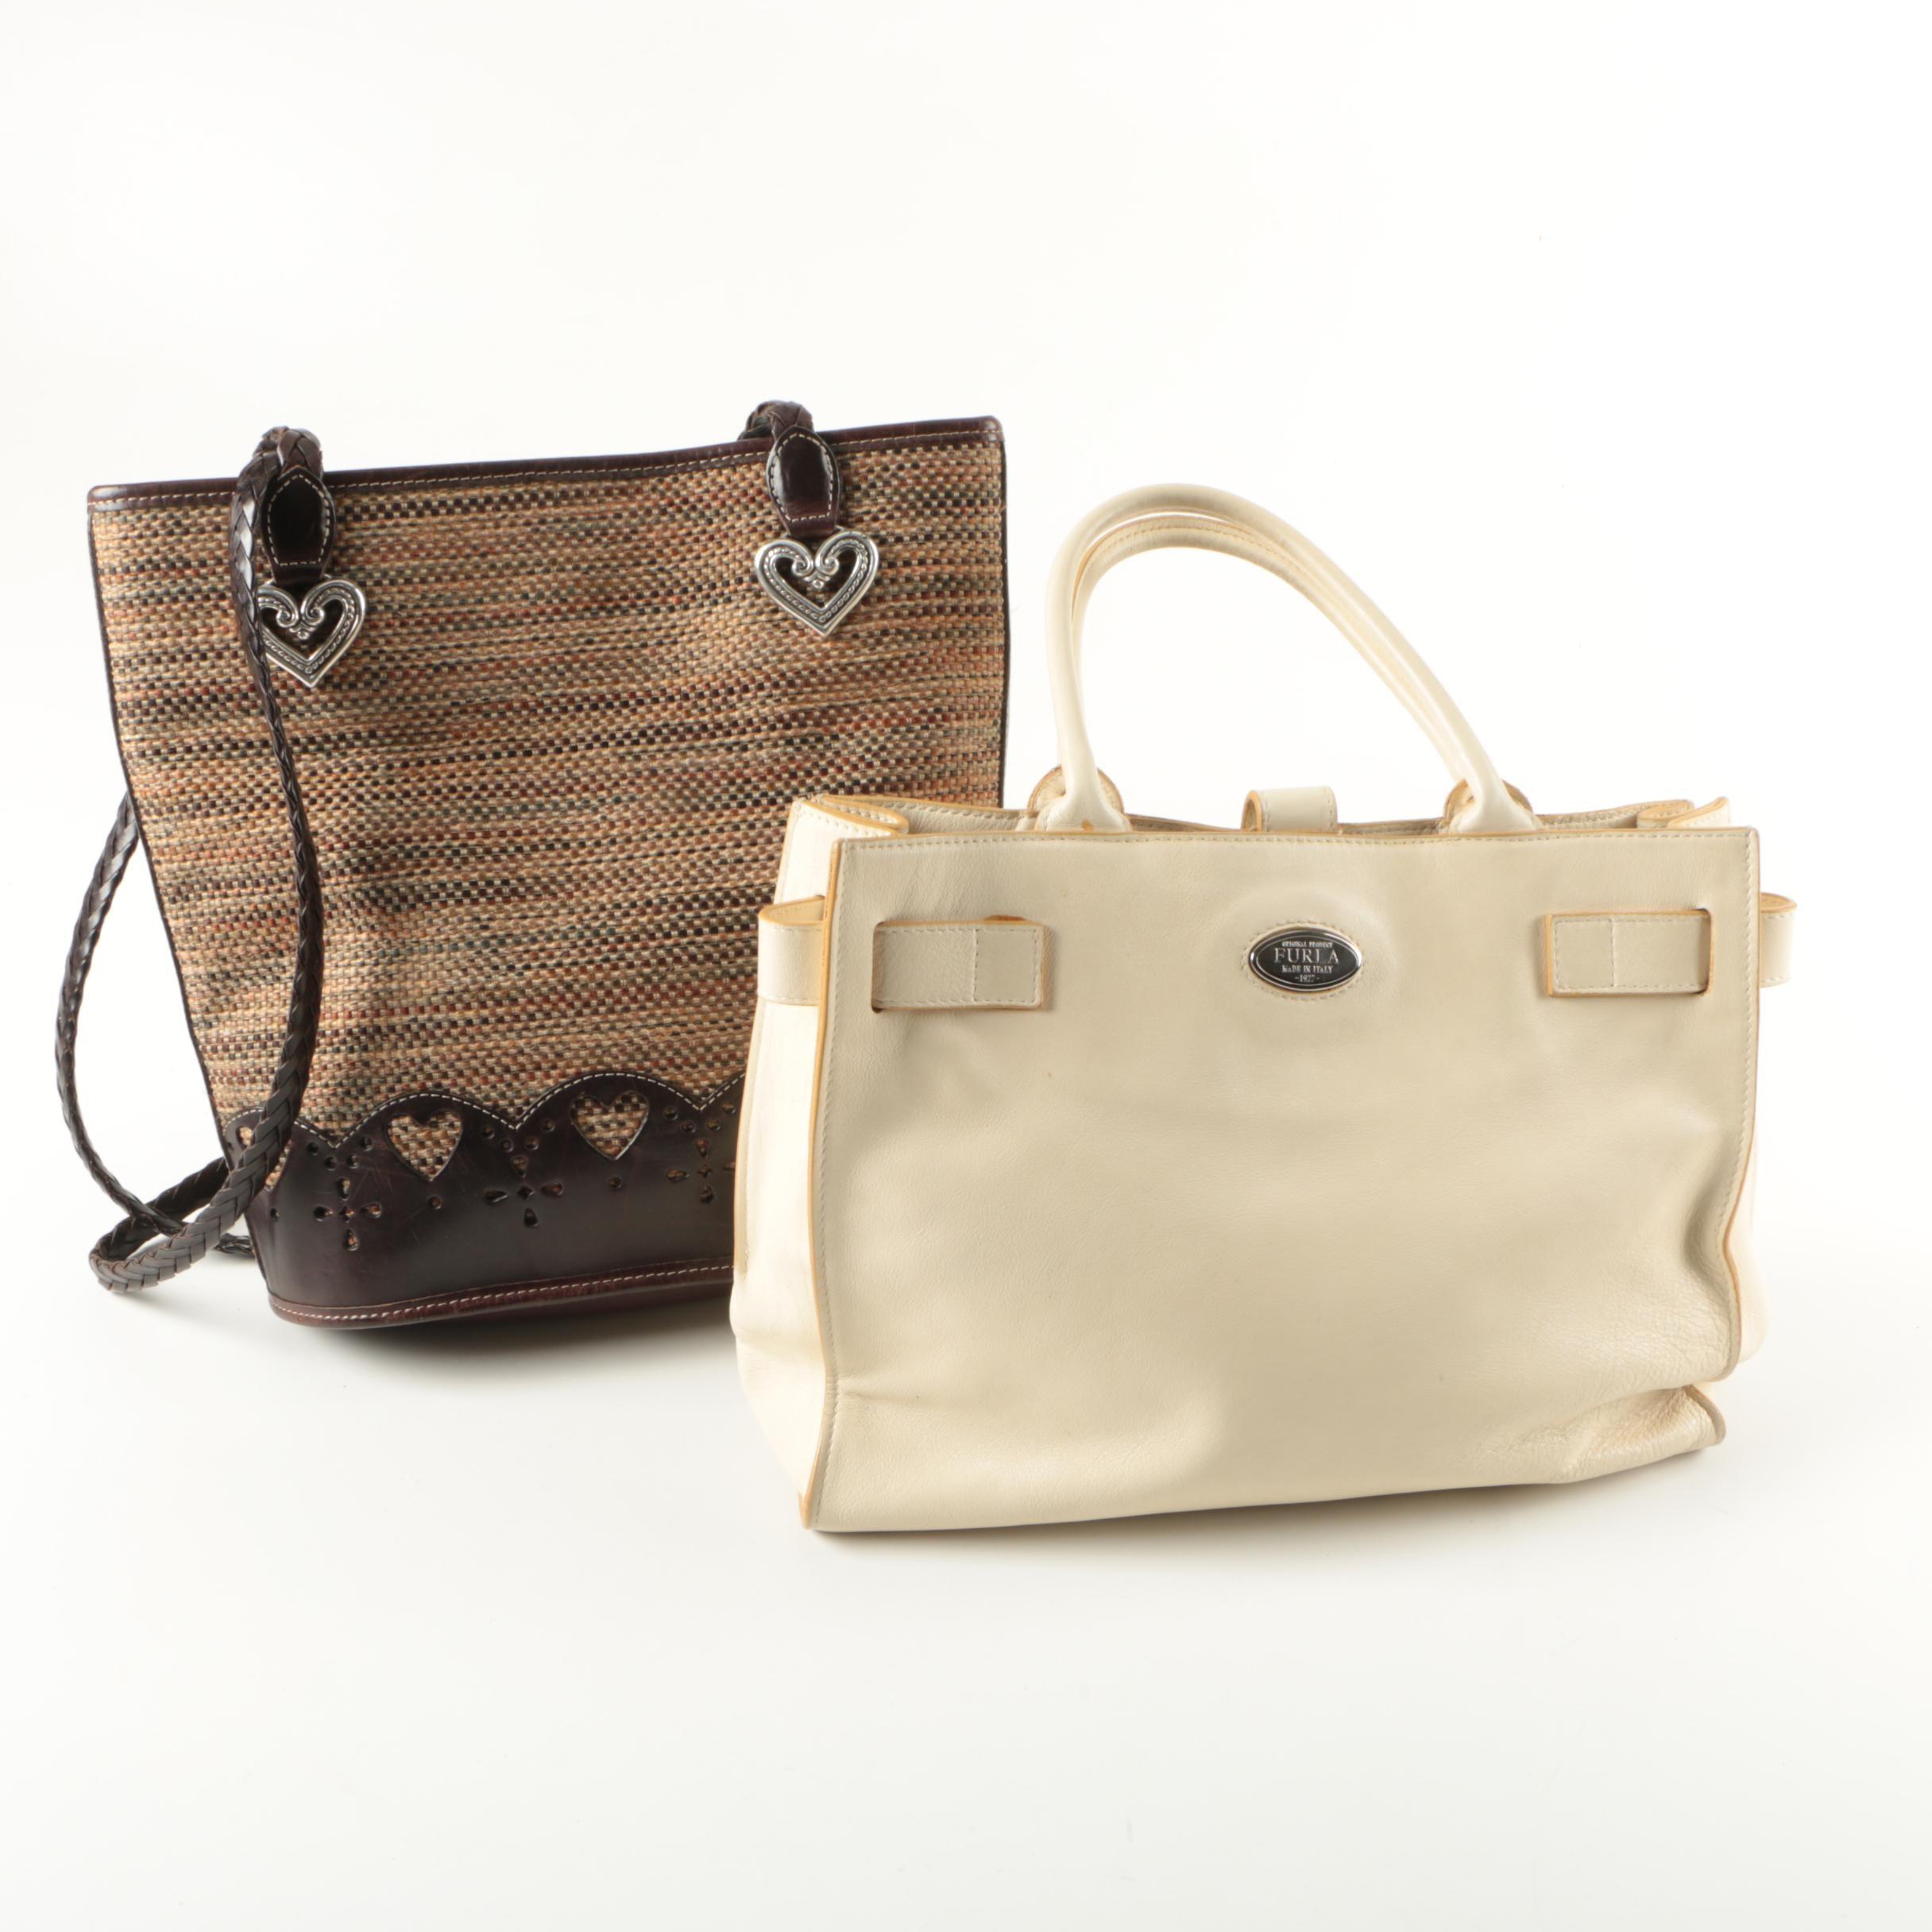 Brighton and Furla Handbags